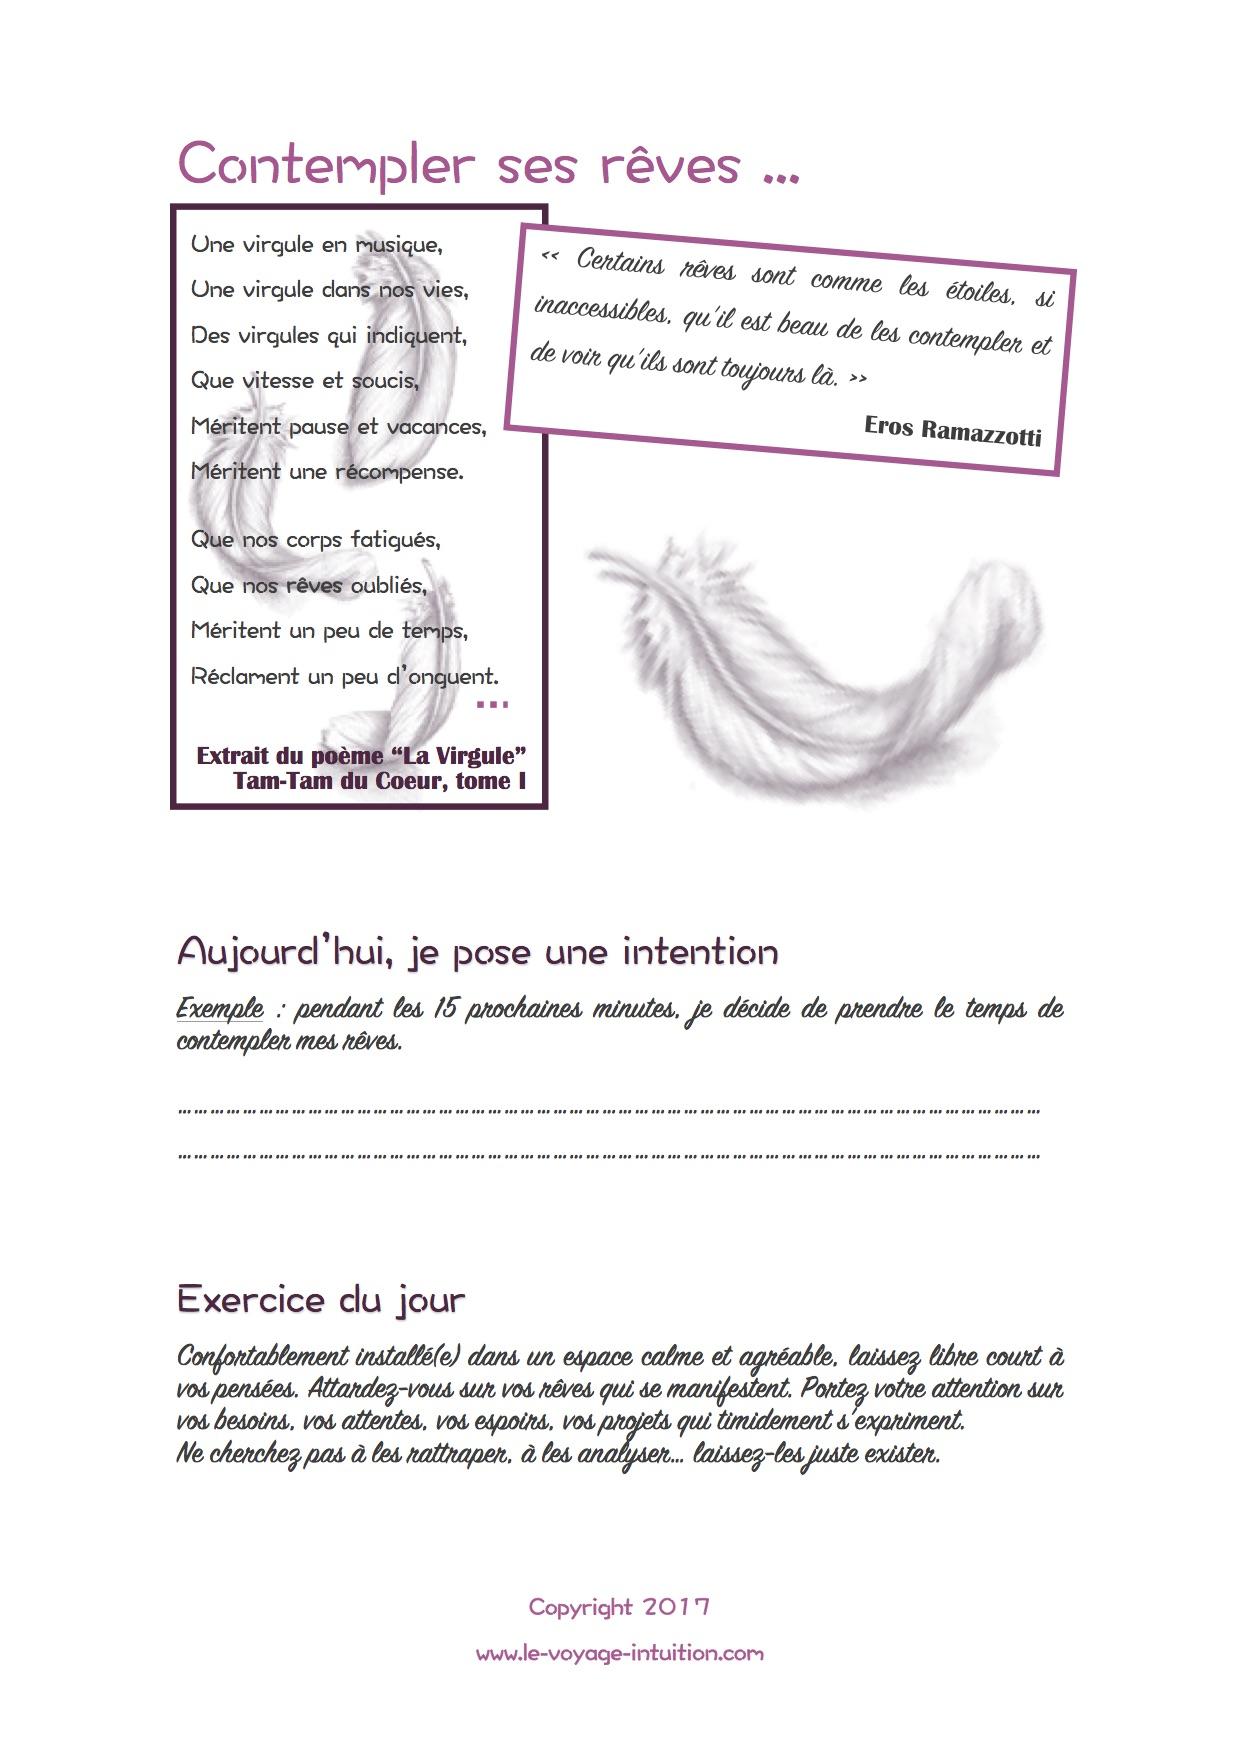 PDF gratuit – Contempler ses rêves